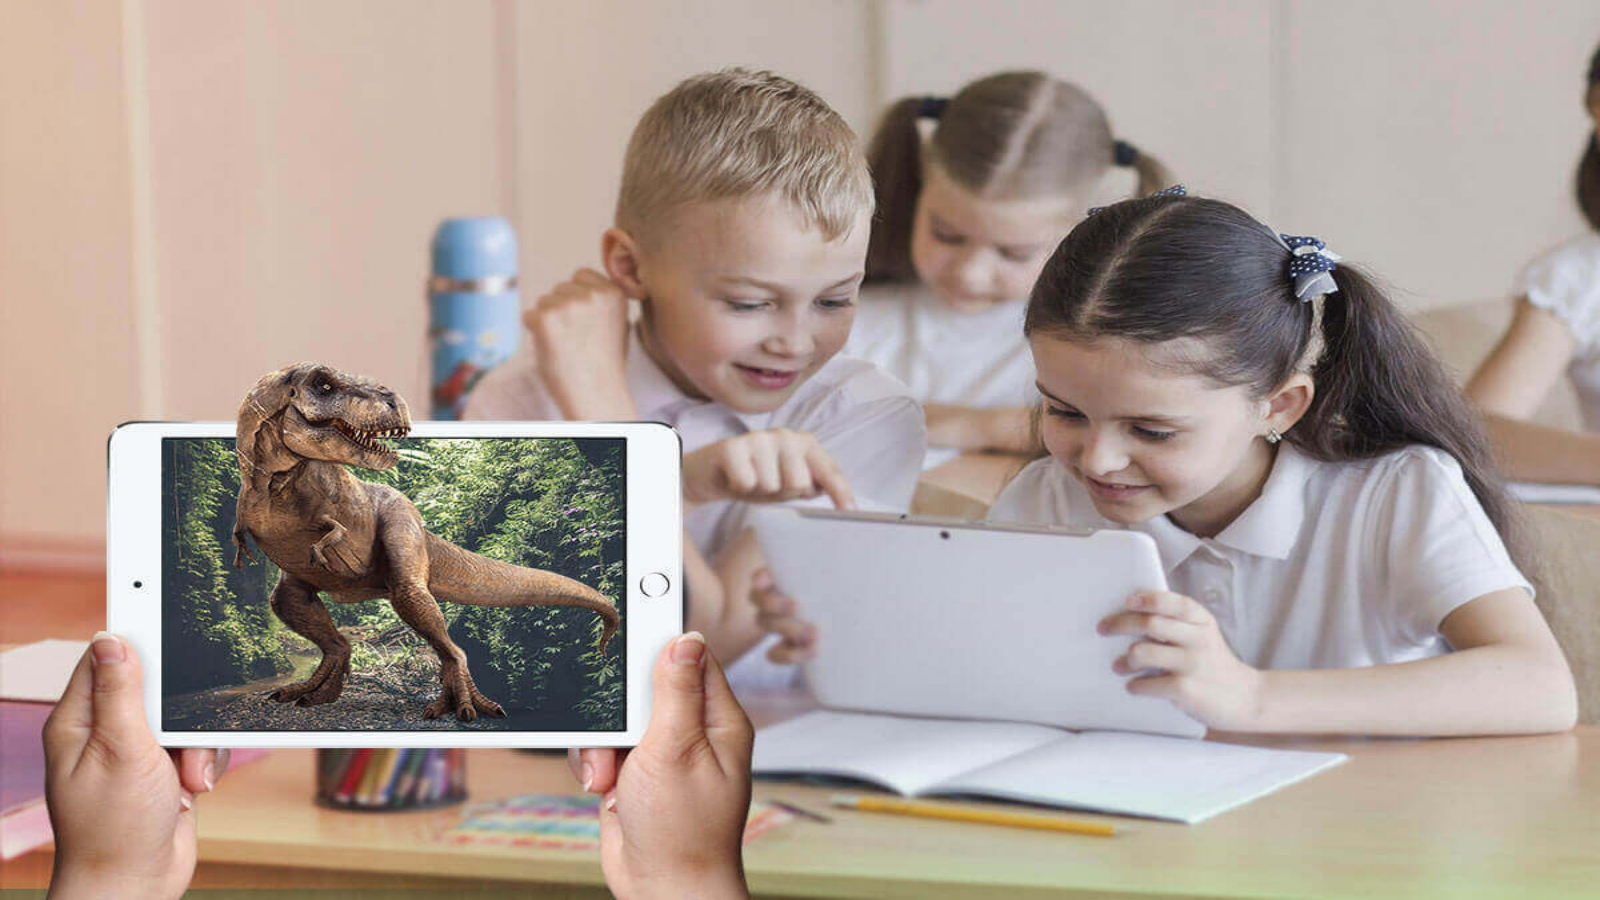 AR Education App